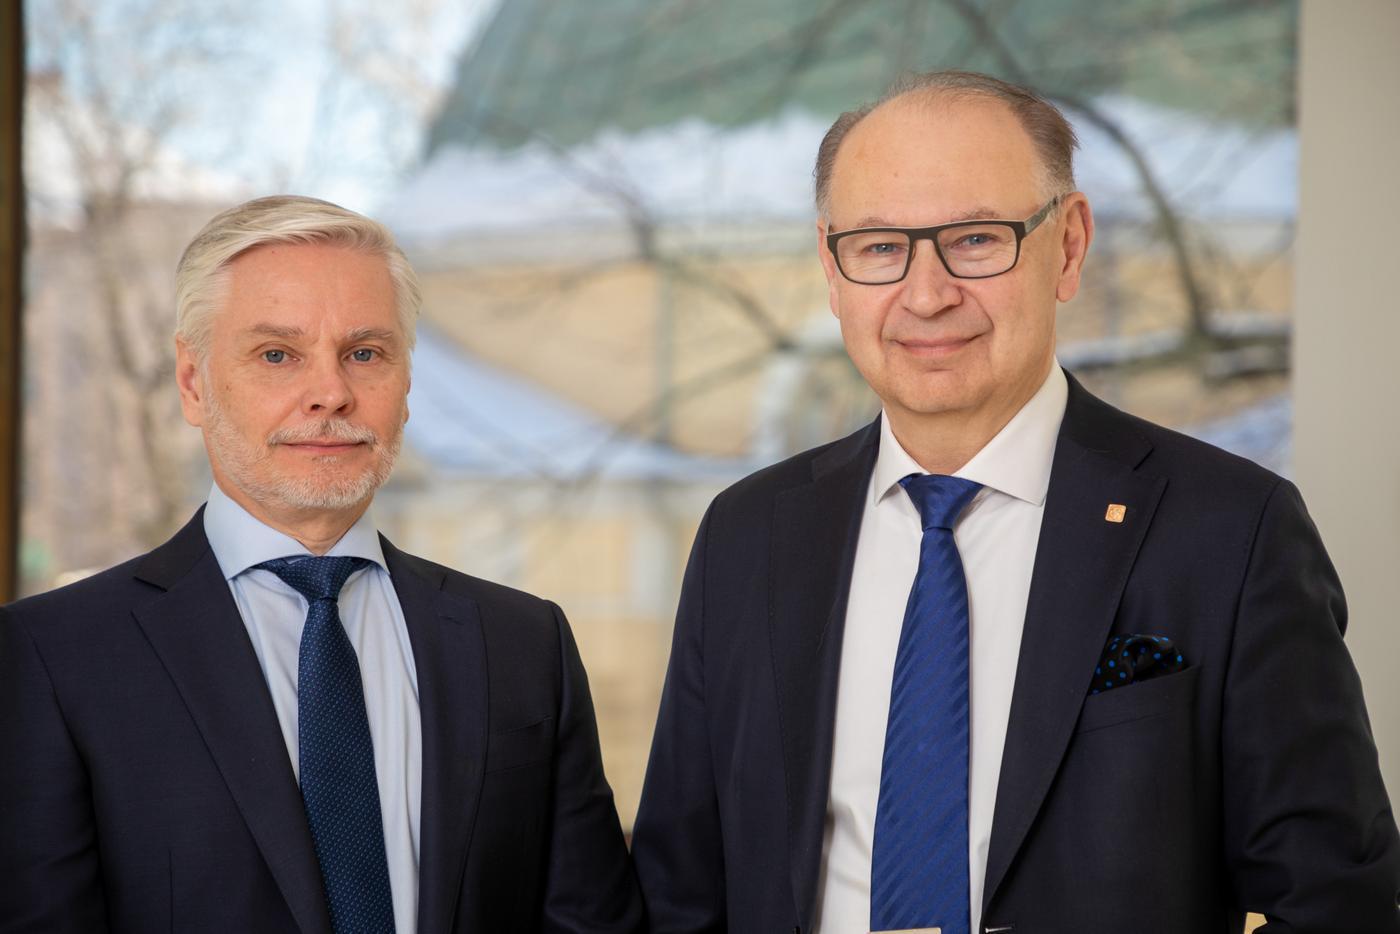 Två män i slips